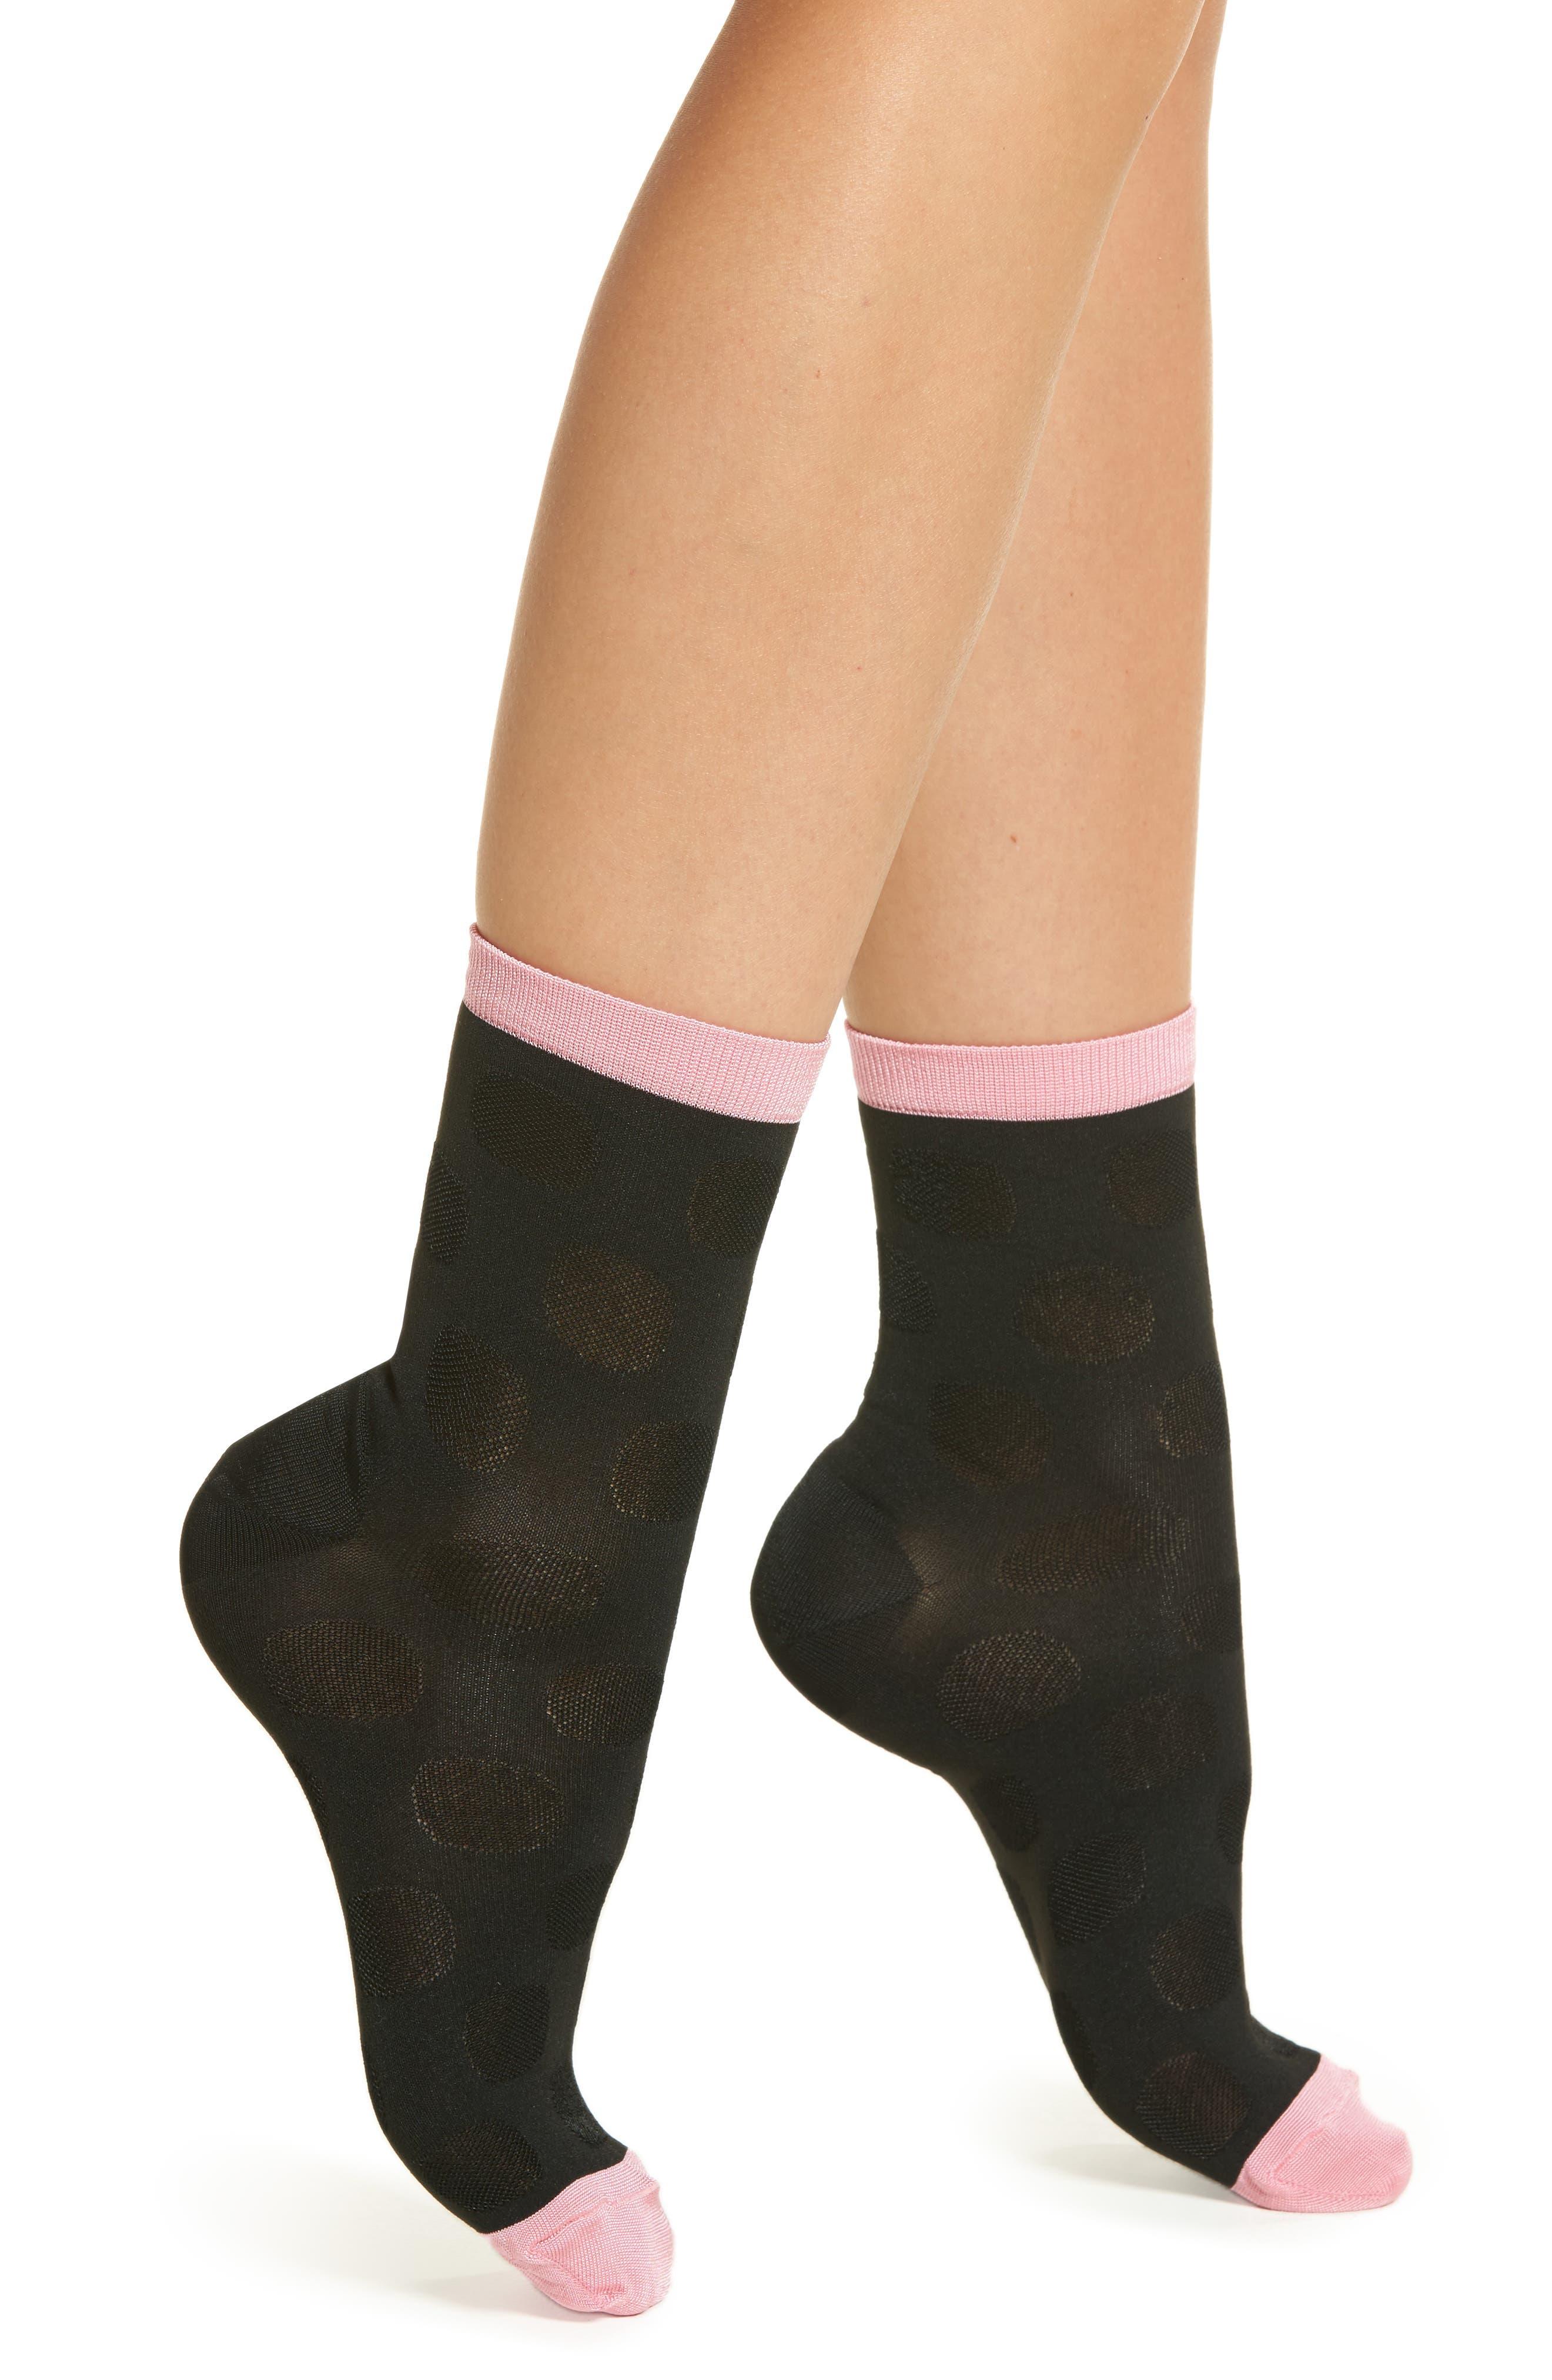 Viktoria Ankle Socks,                         Main,                         color, Black